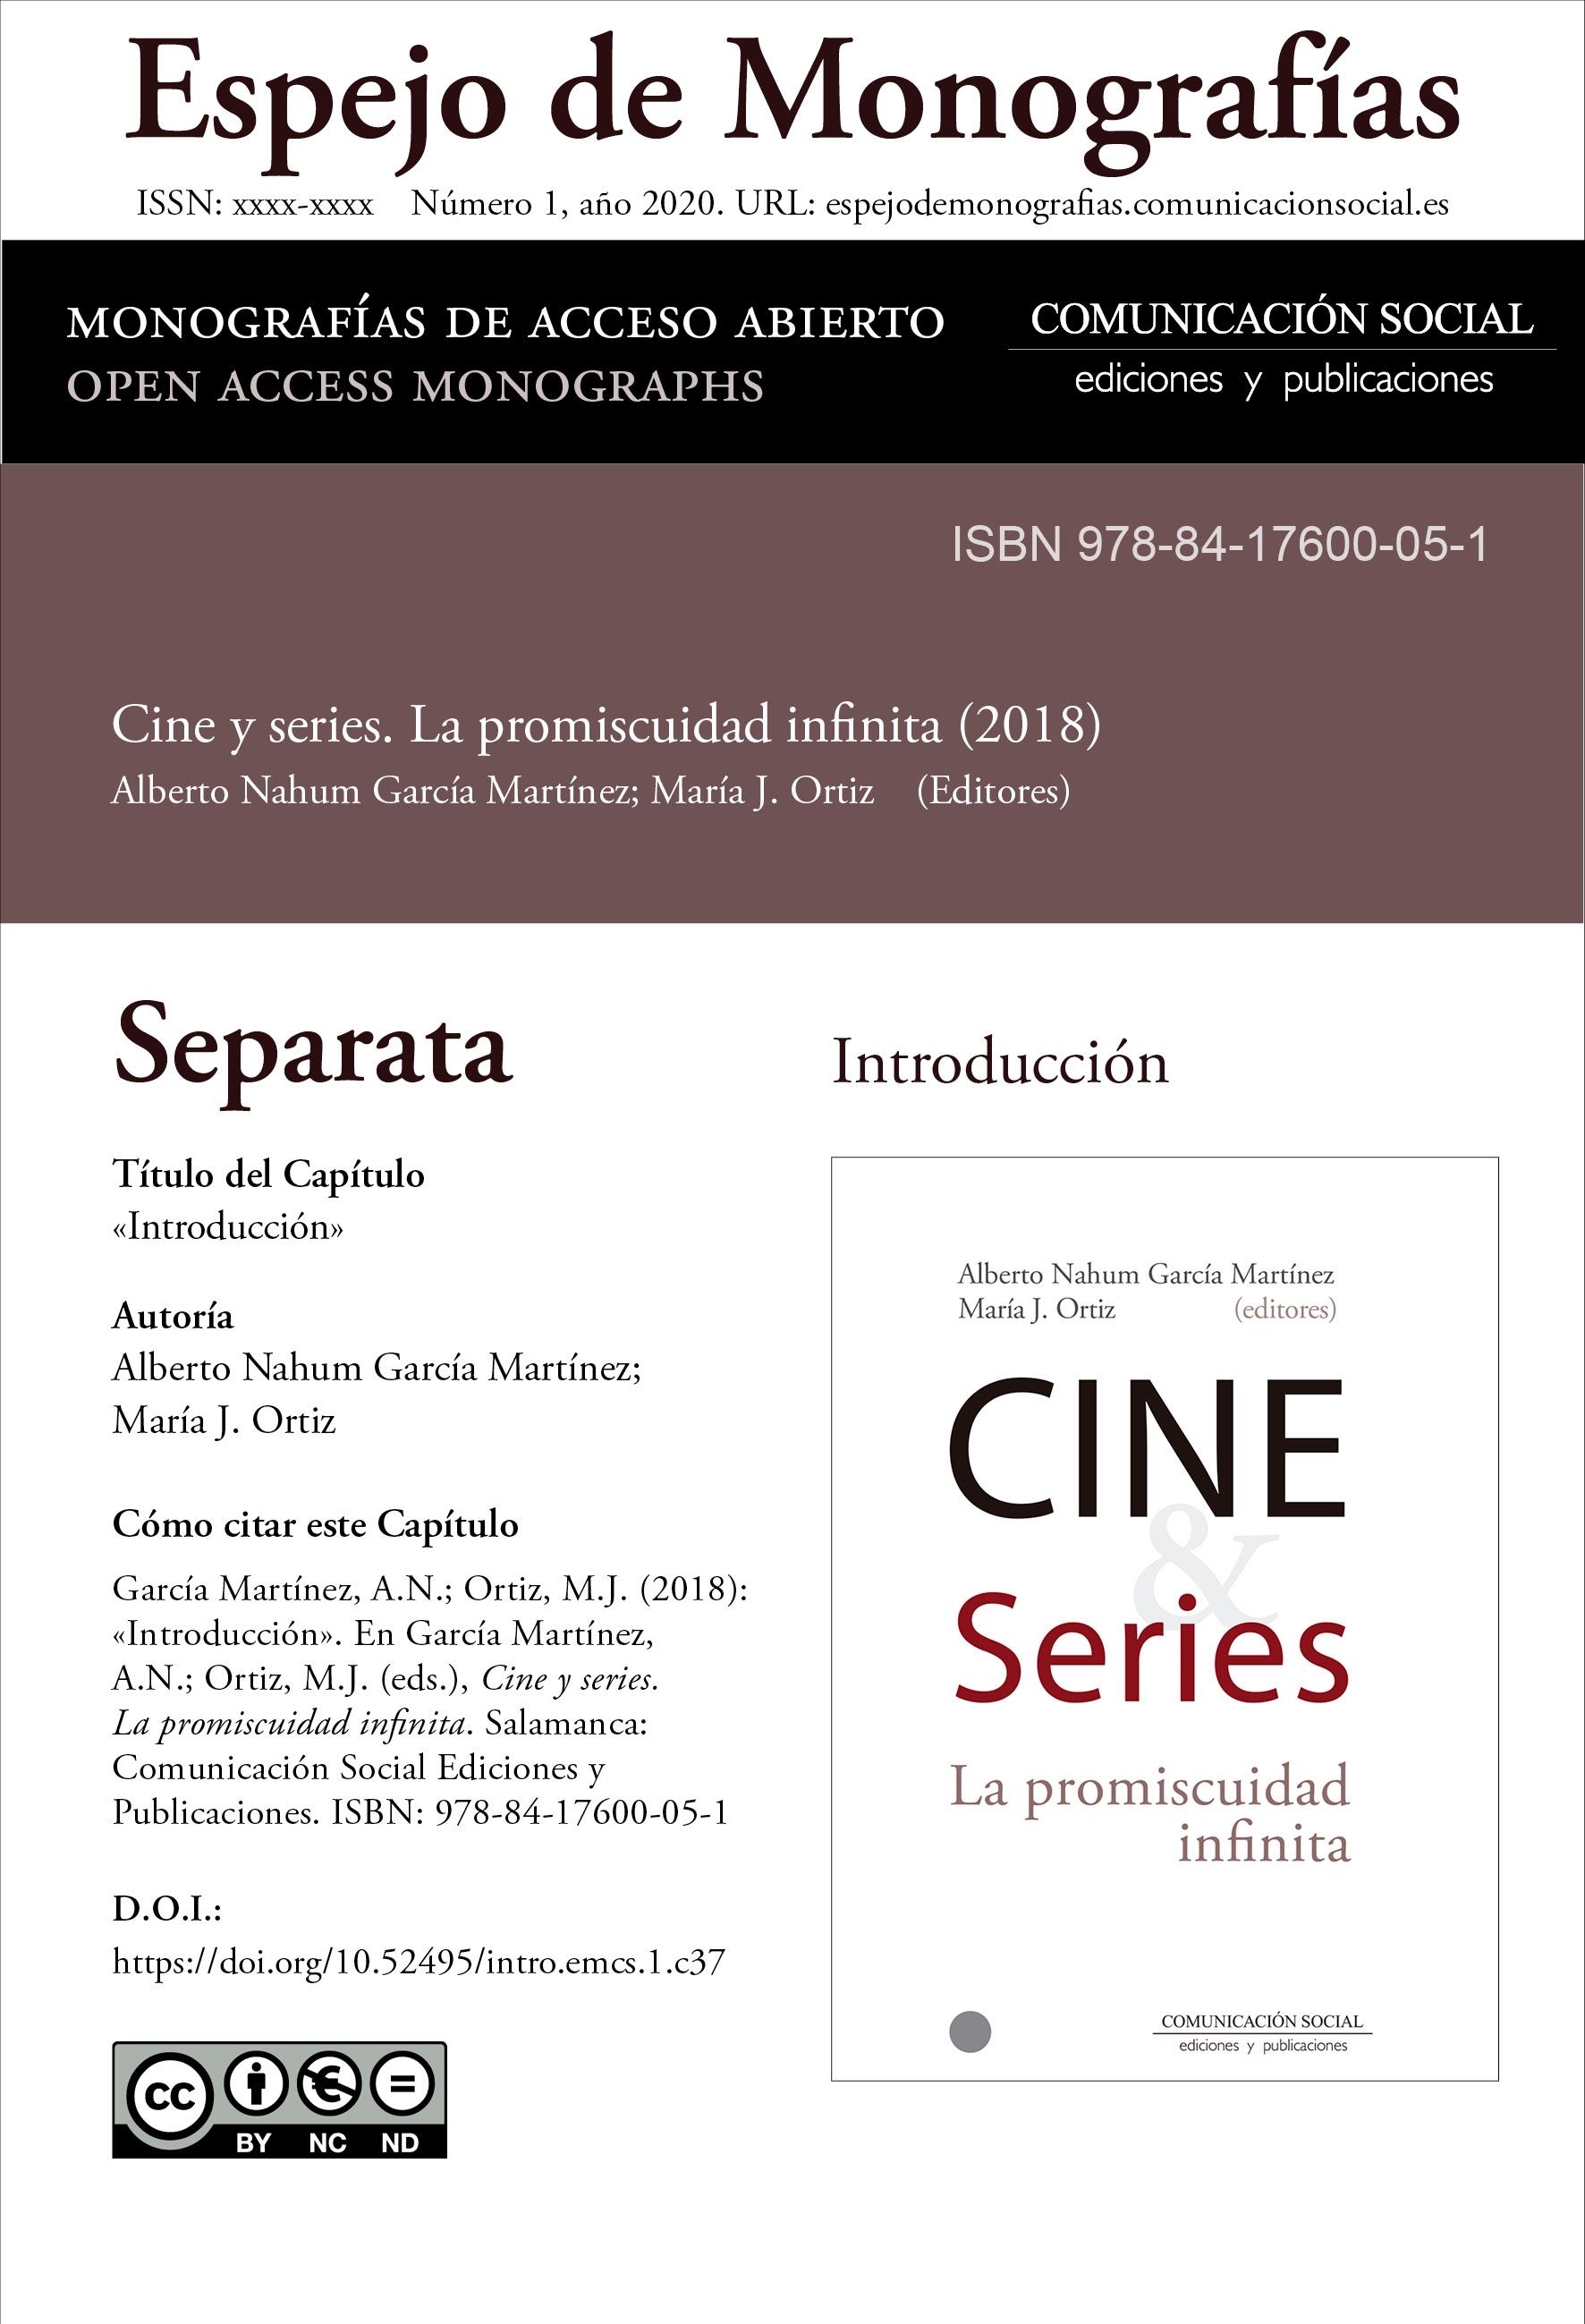 Separata_Introducción de la monografía Cine y Series